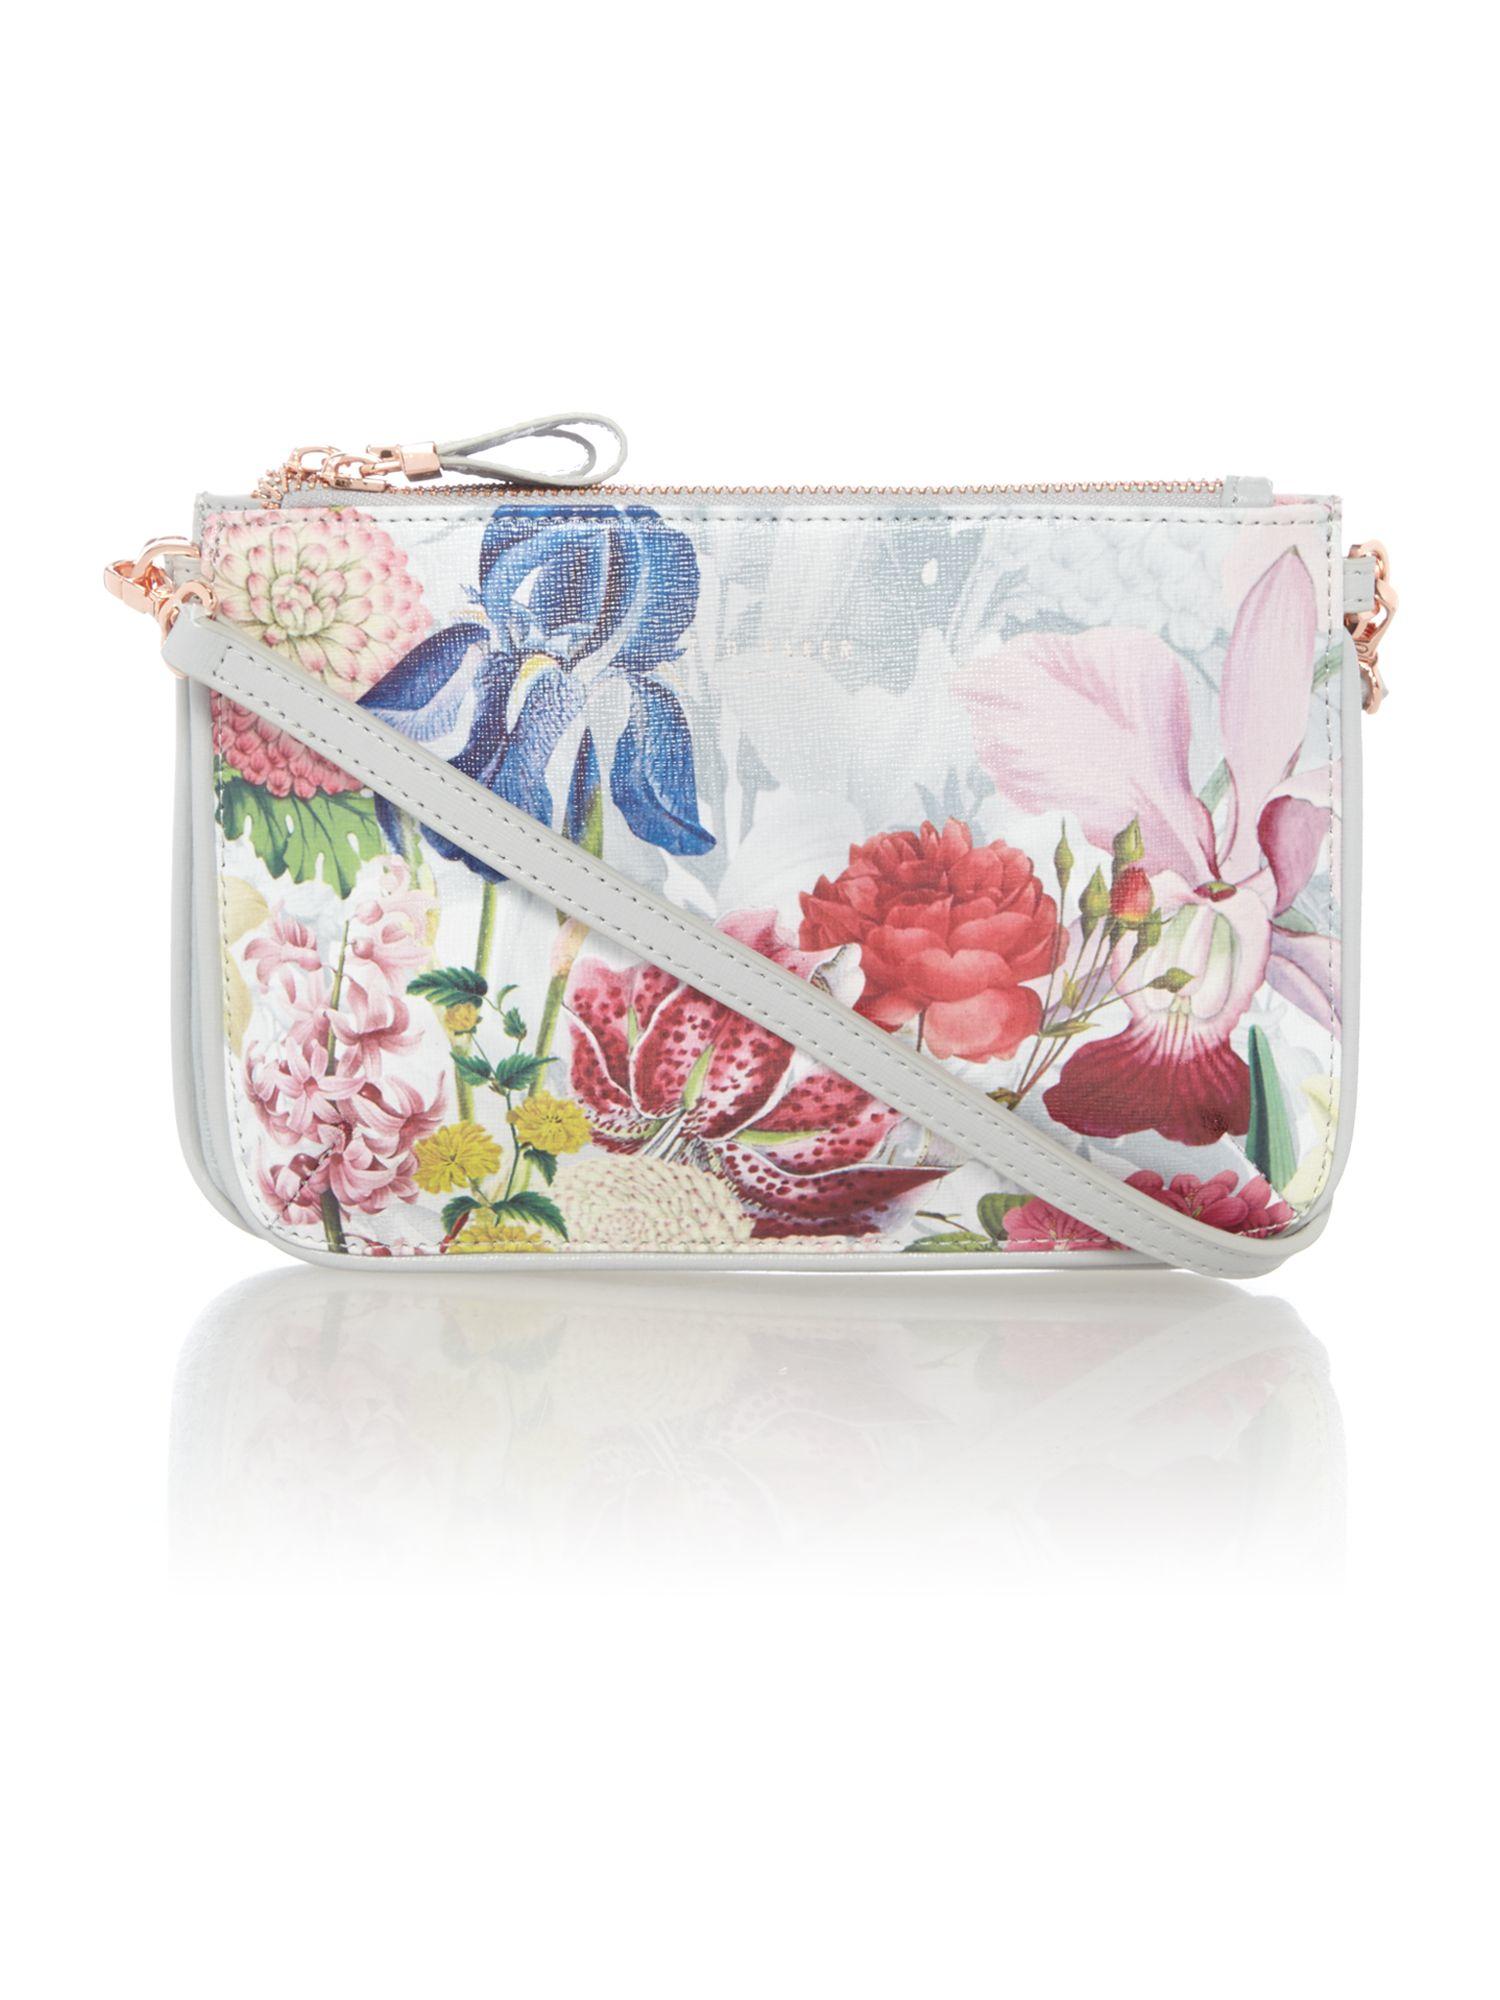 b704ec4ace3ef7 Ted Baker Tressa White Floral Cross Body Bag in White - Lyst